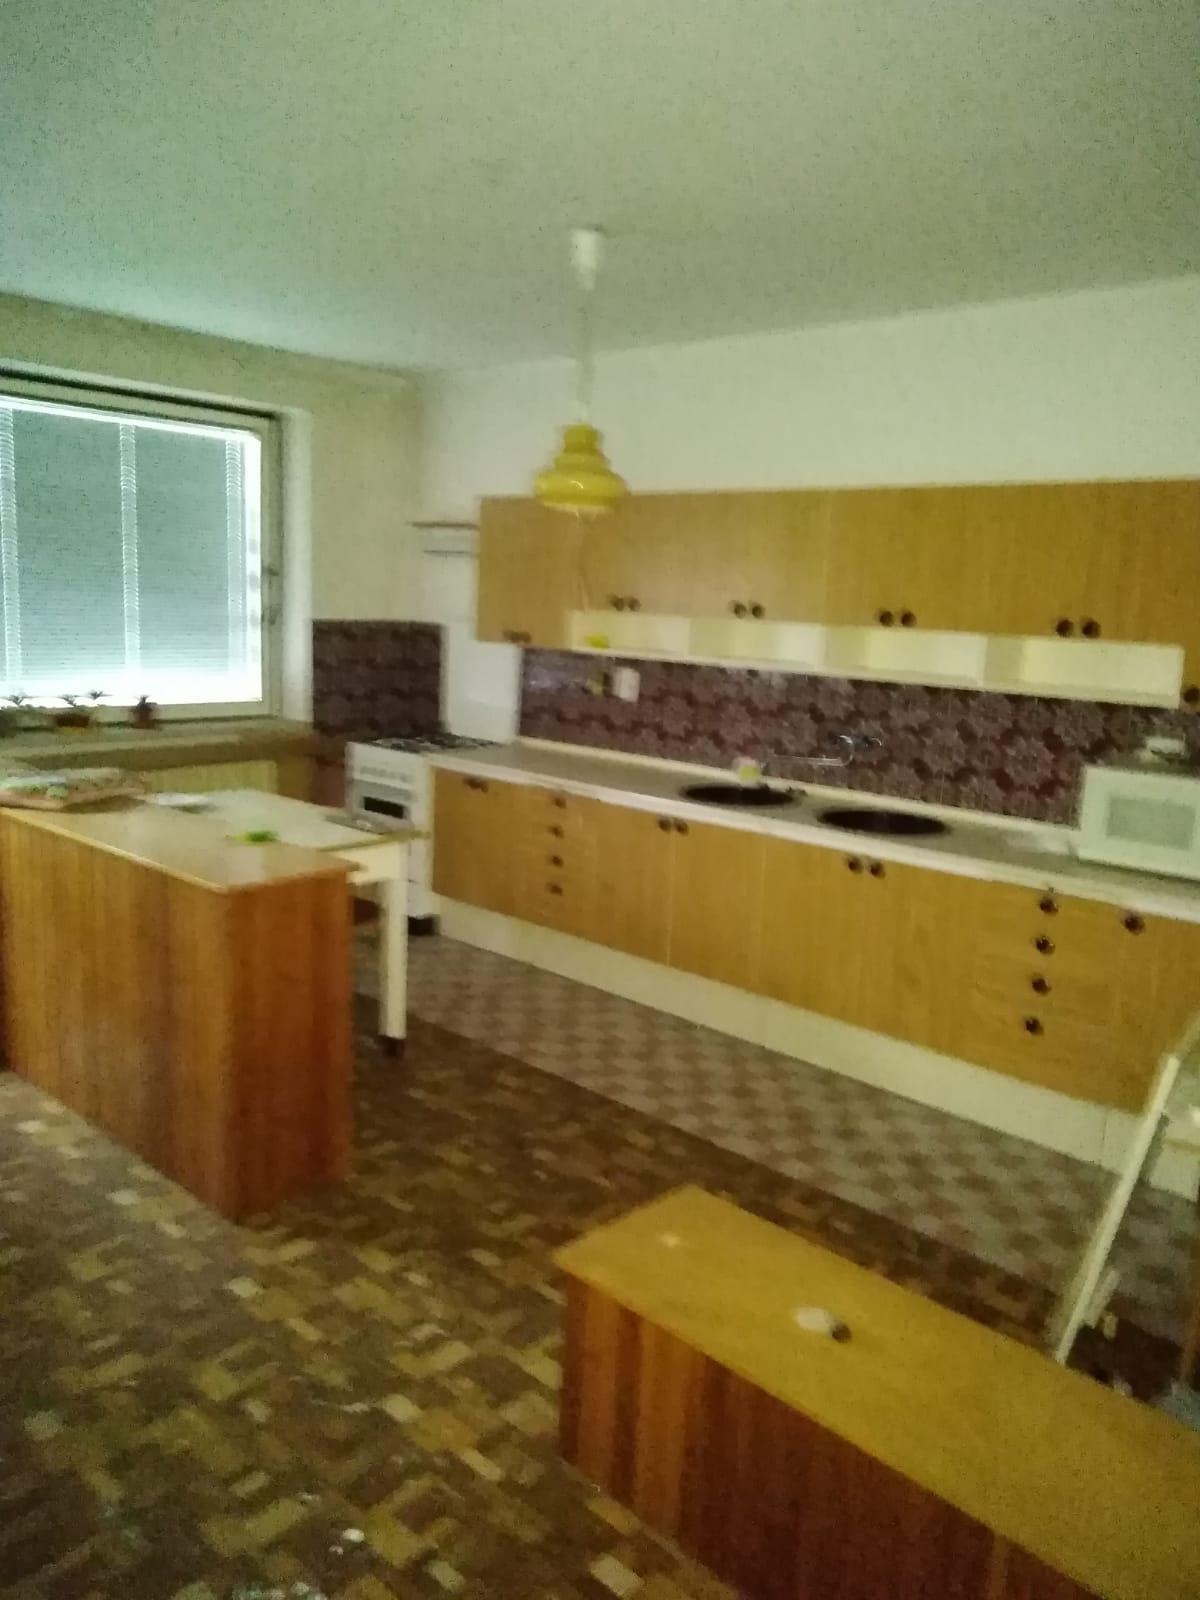 Náš sen bydlení ve vlastním 🏡🍀 - Původní kuchyně-to je prostoru!😊